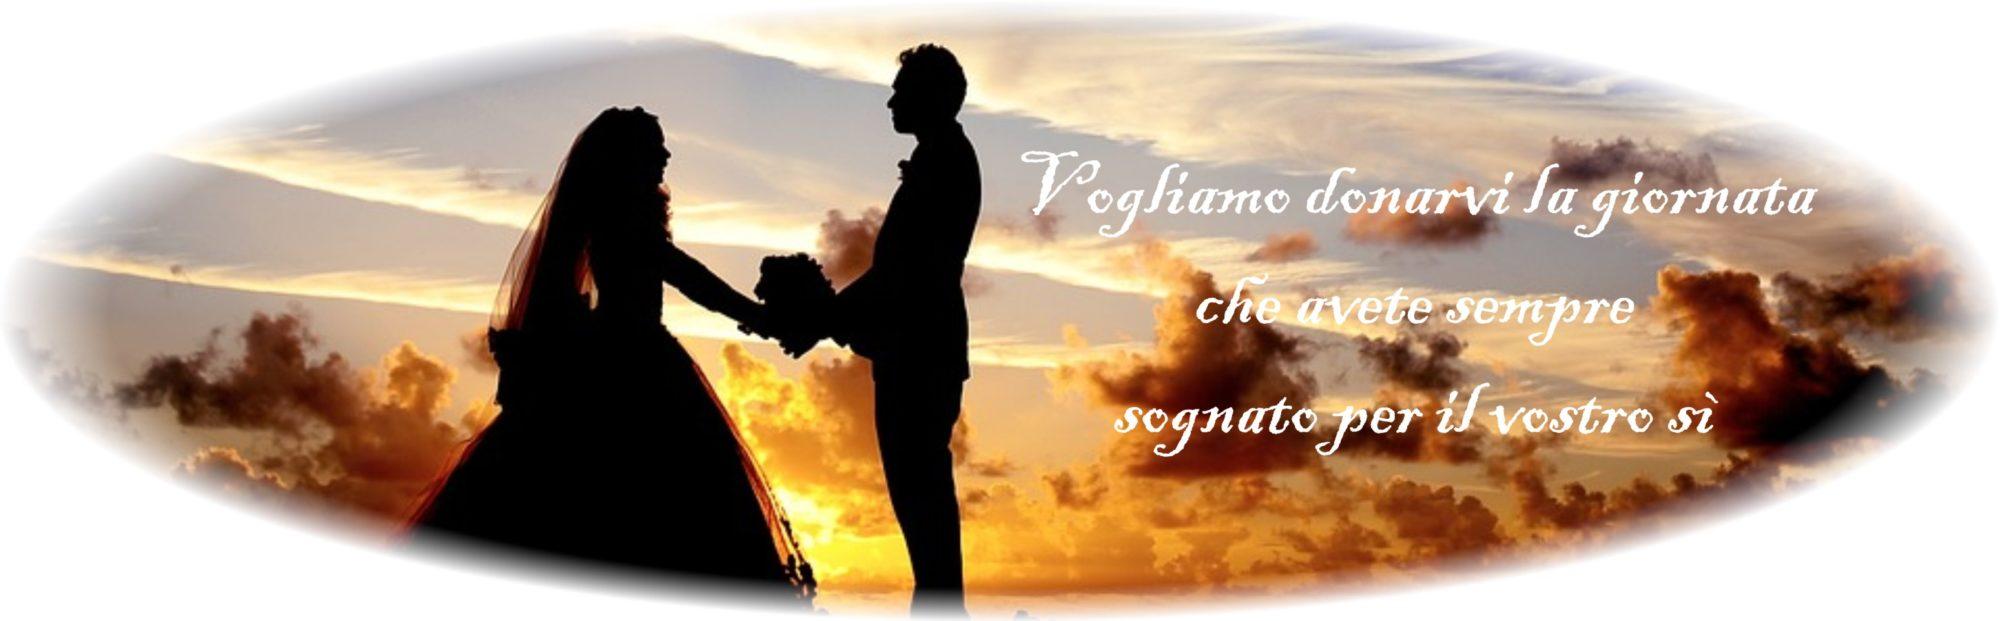 da3ee9e3eba2 Villa ex magni rizzoli Canzo - Co - Matrimoni Rito Civile Location ...